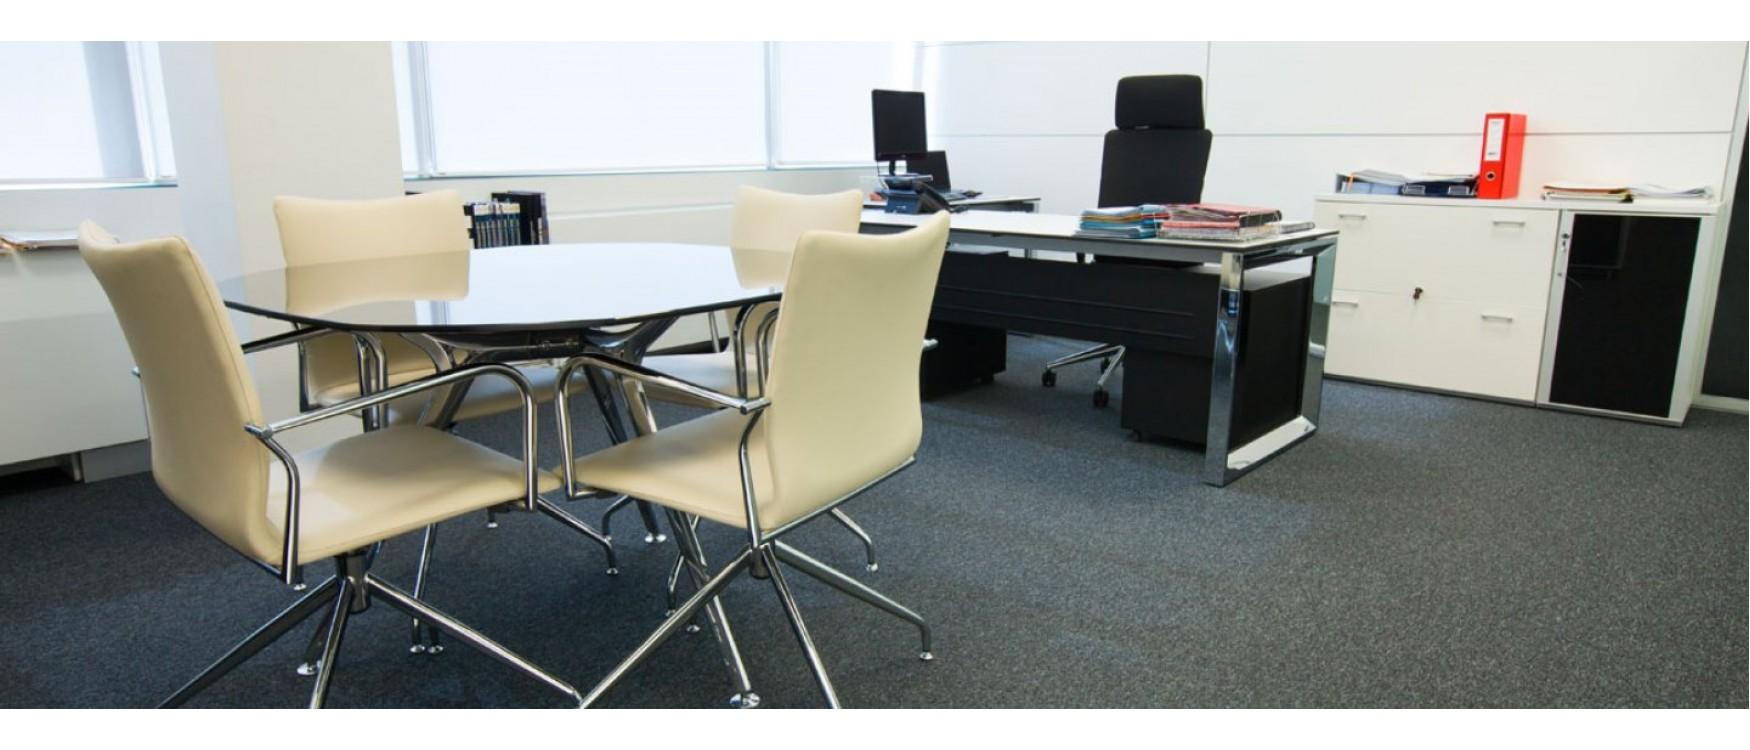 Tienda de mobiliario de oficina ideoficinas for Catalogo mobiliario oficina